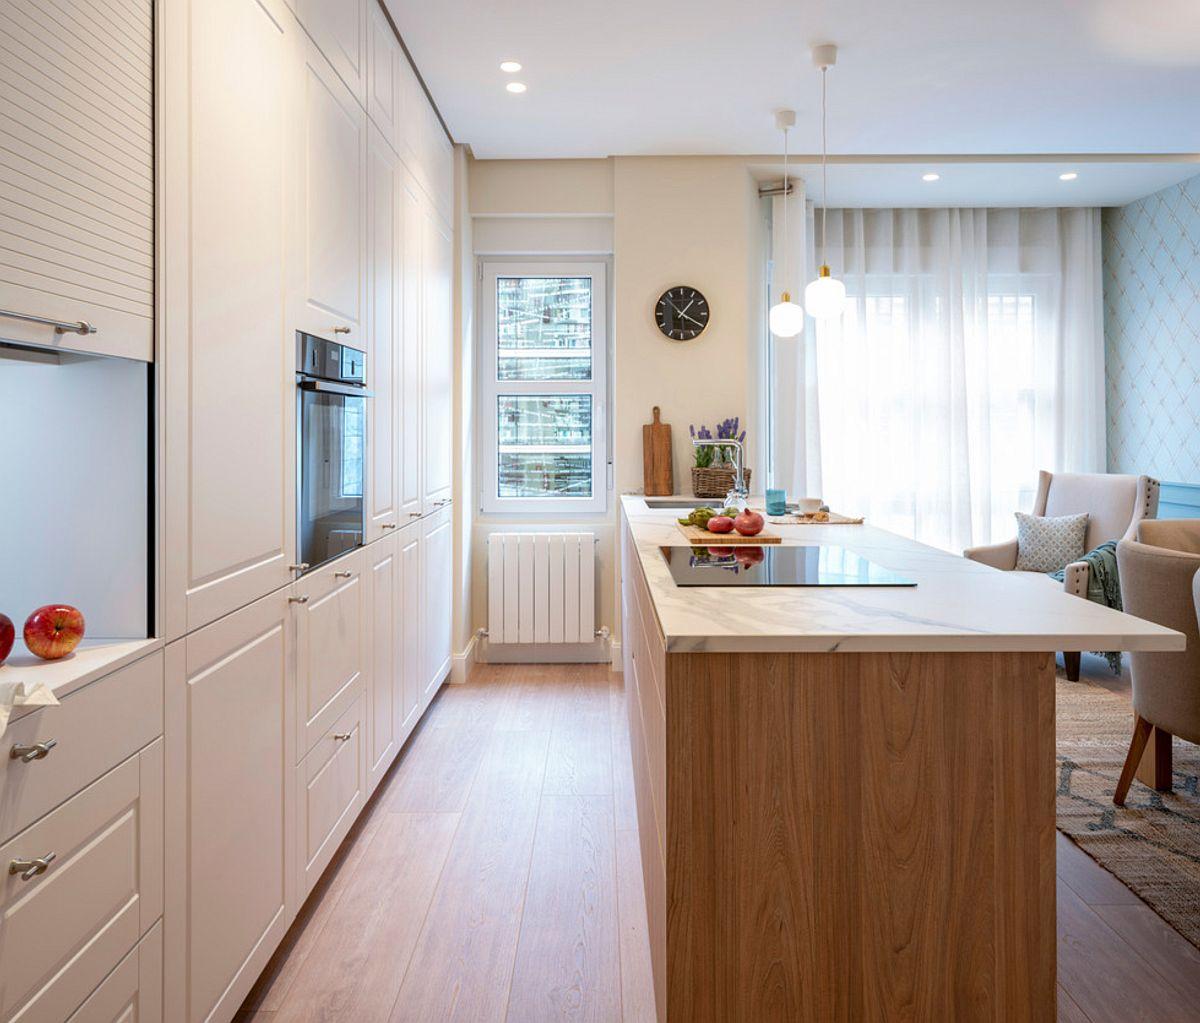 Inițial bucătăria era până la limita barului, evident îngustă. Acum, deschisă către fostul living, a devenit mult mai luminoasă. În plus designerii au putut gândi aici multe spații de depozitare. Bucătăria este realizată pe comandă la firma Santos Cucinas.